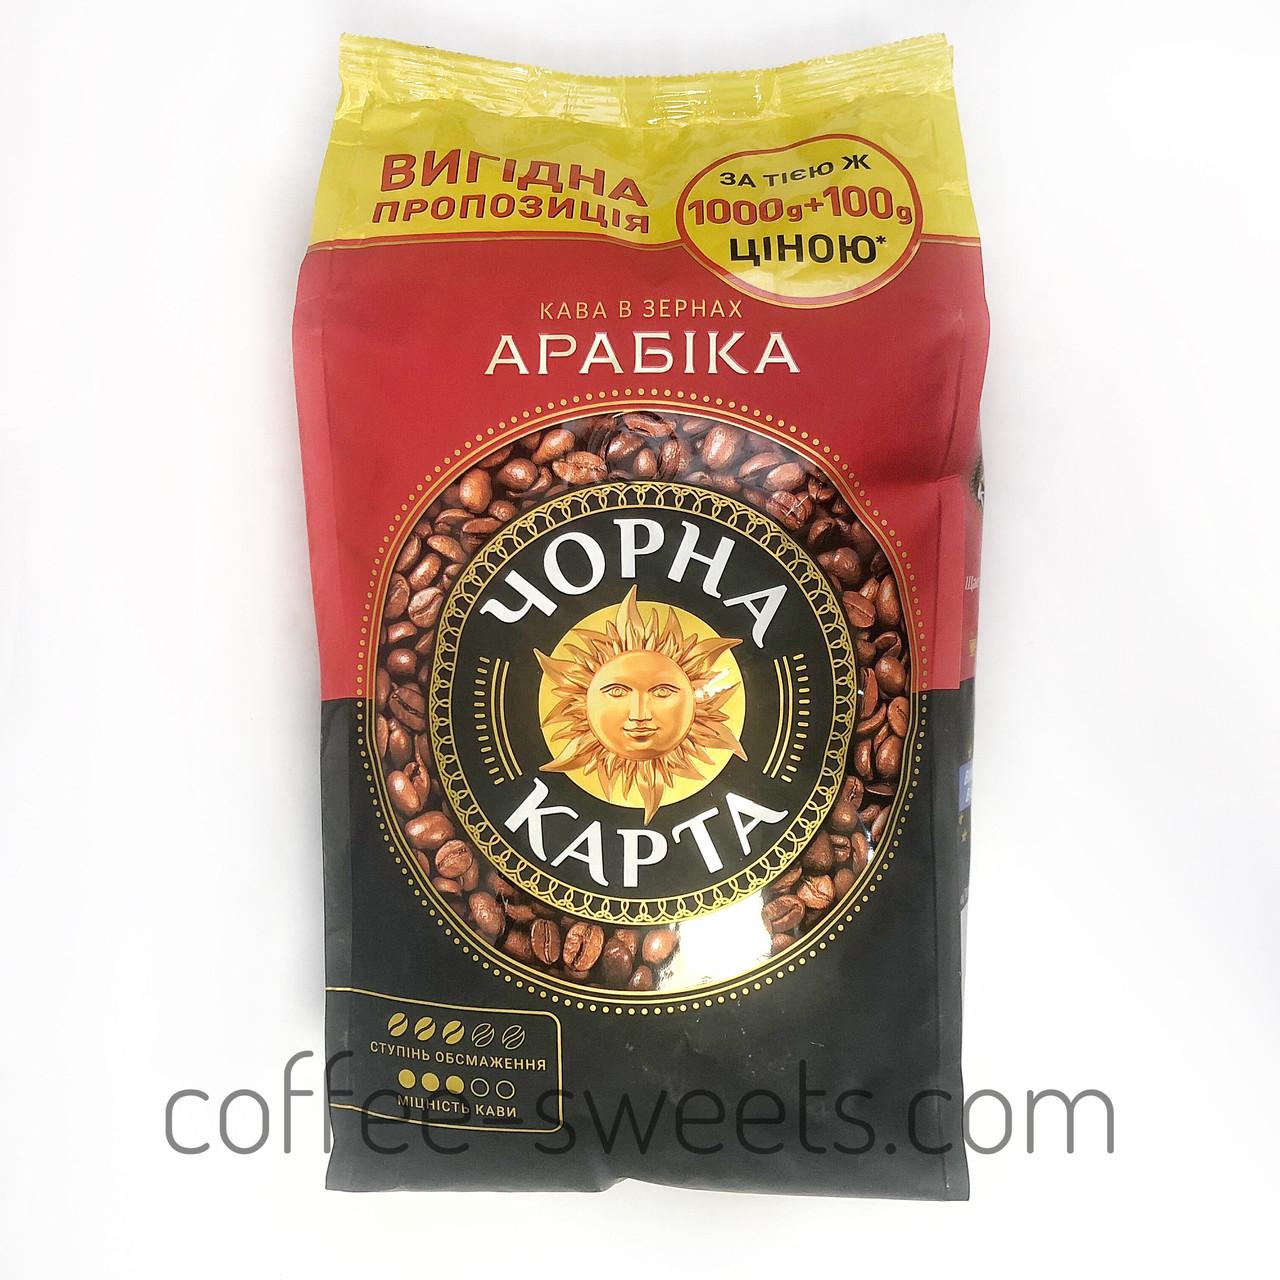 Кофе зерновой Черная Карта арабика 1000г